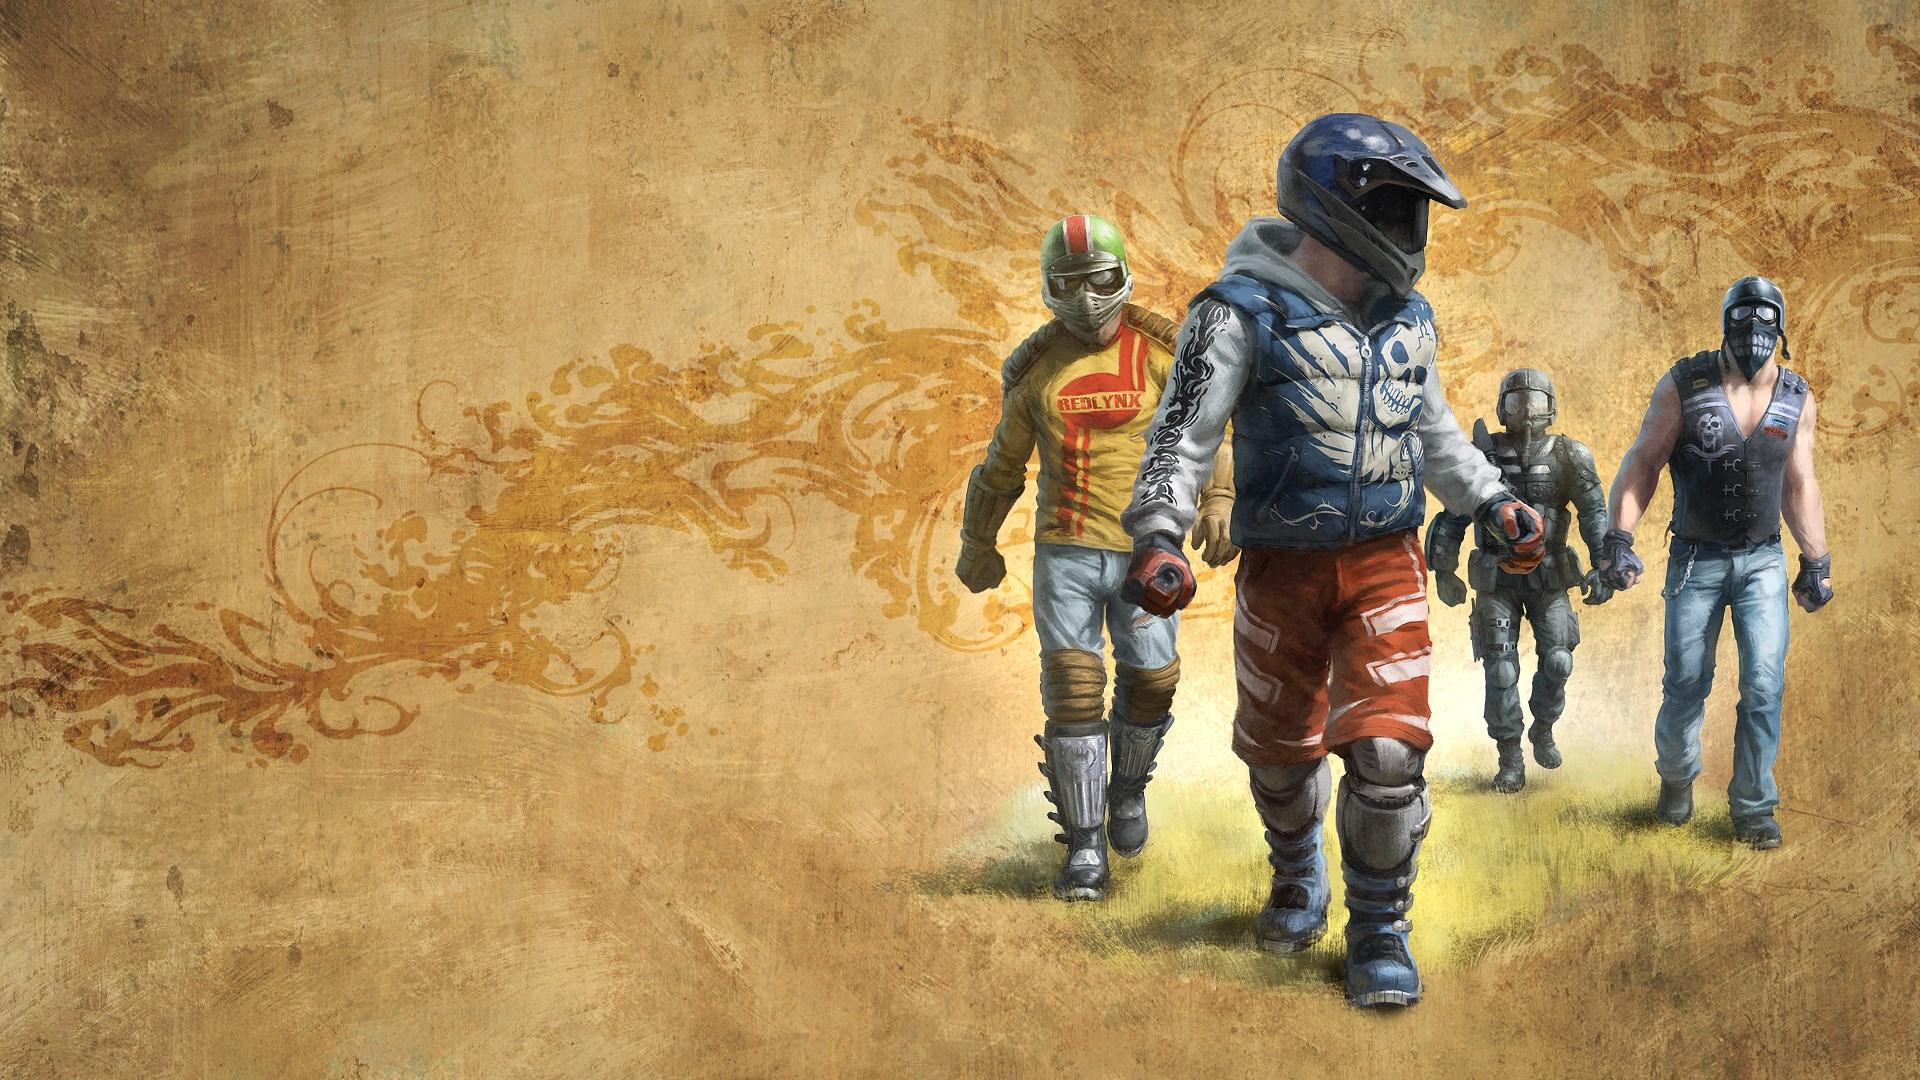 Buy Riders of Doom - Microsoft Store en-CA